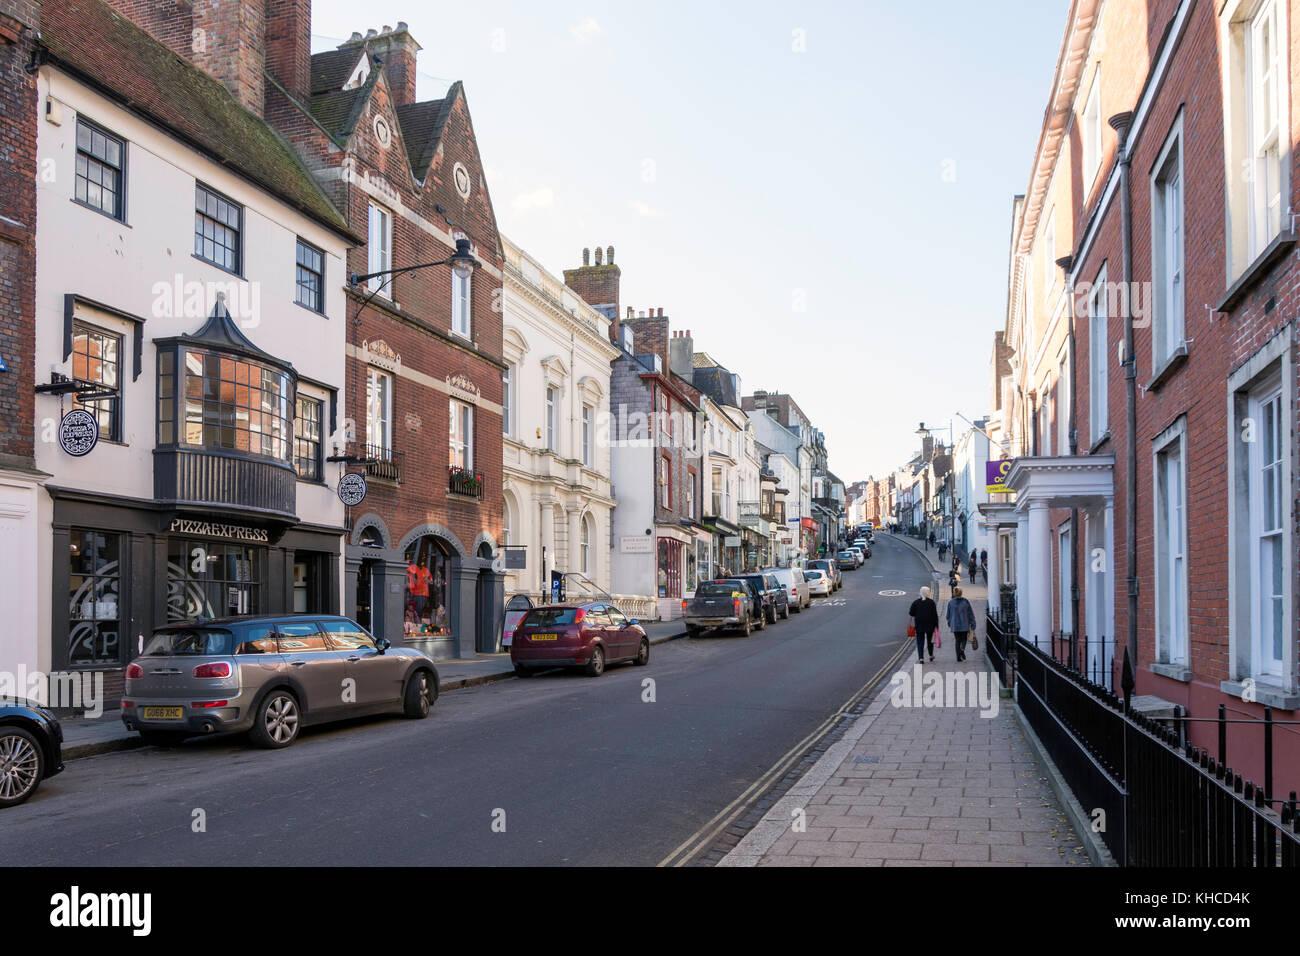 Lewes High Street Lewes East Sussex England United